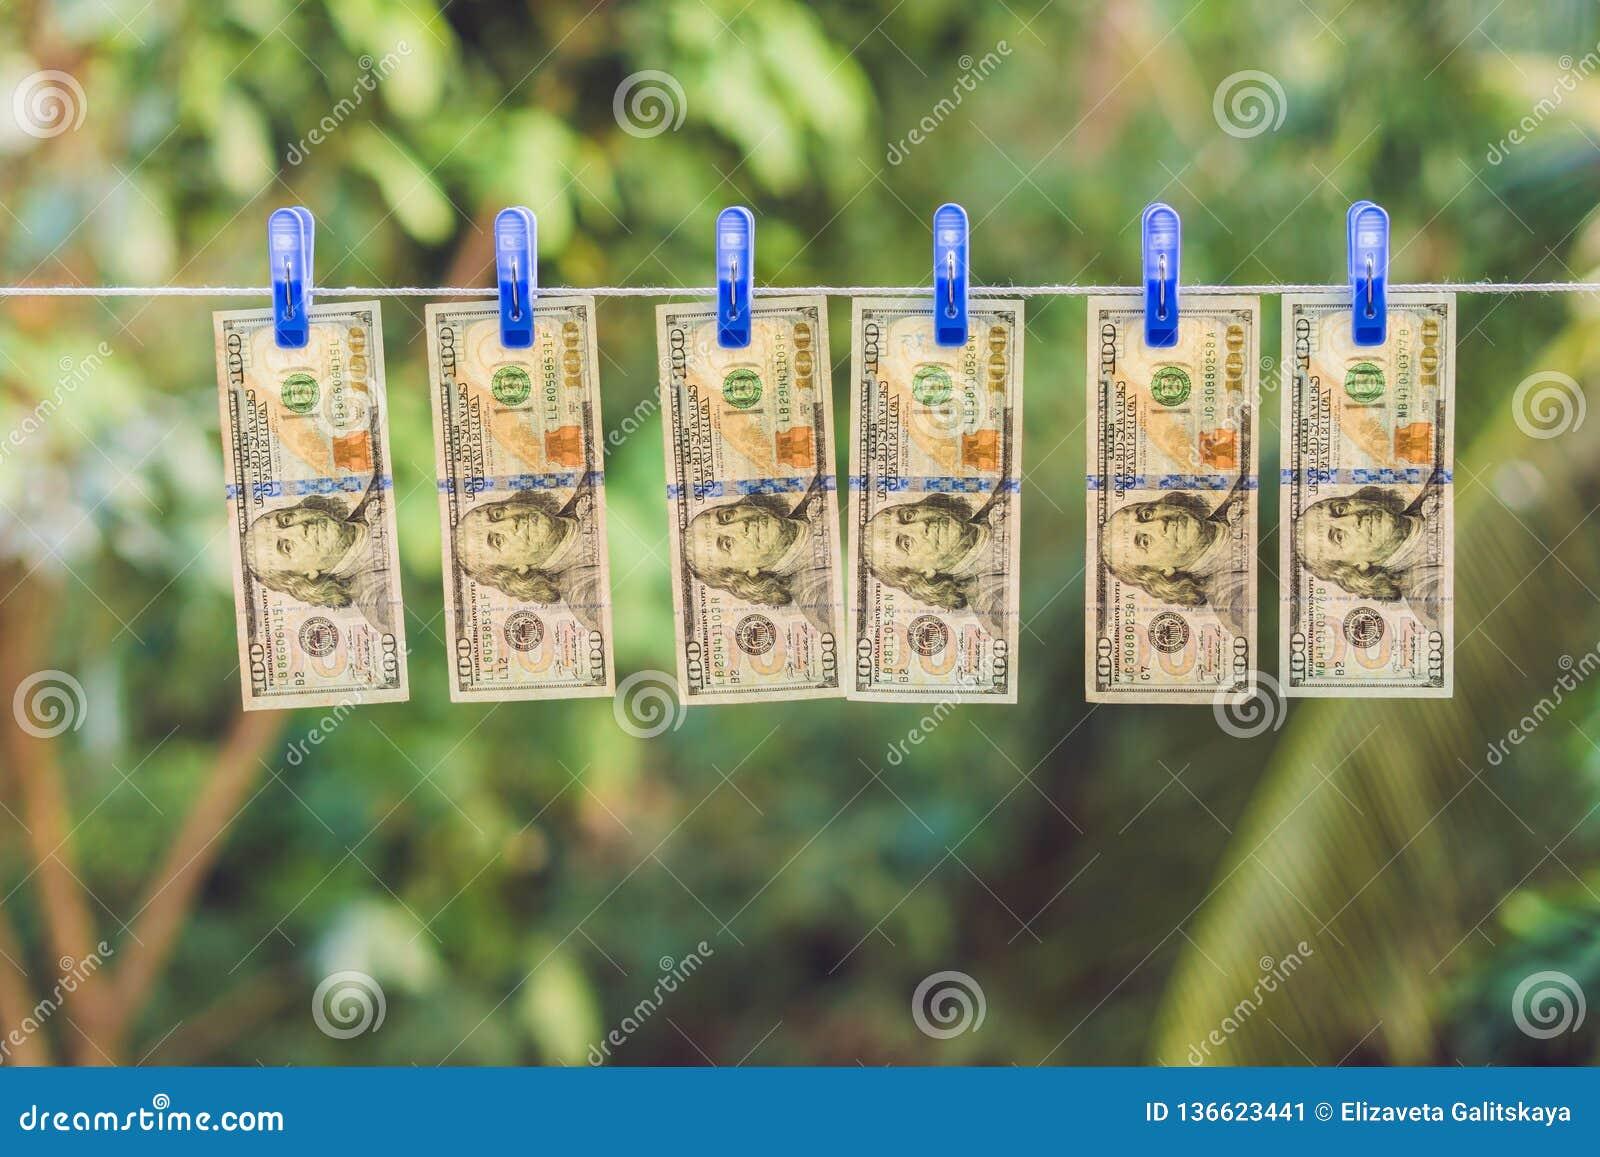 PenningtvättUS dollar som ut hängs för att torka